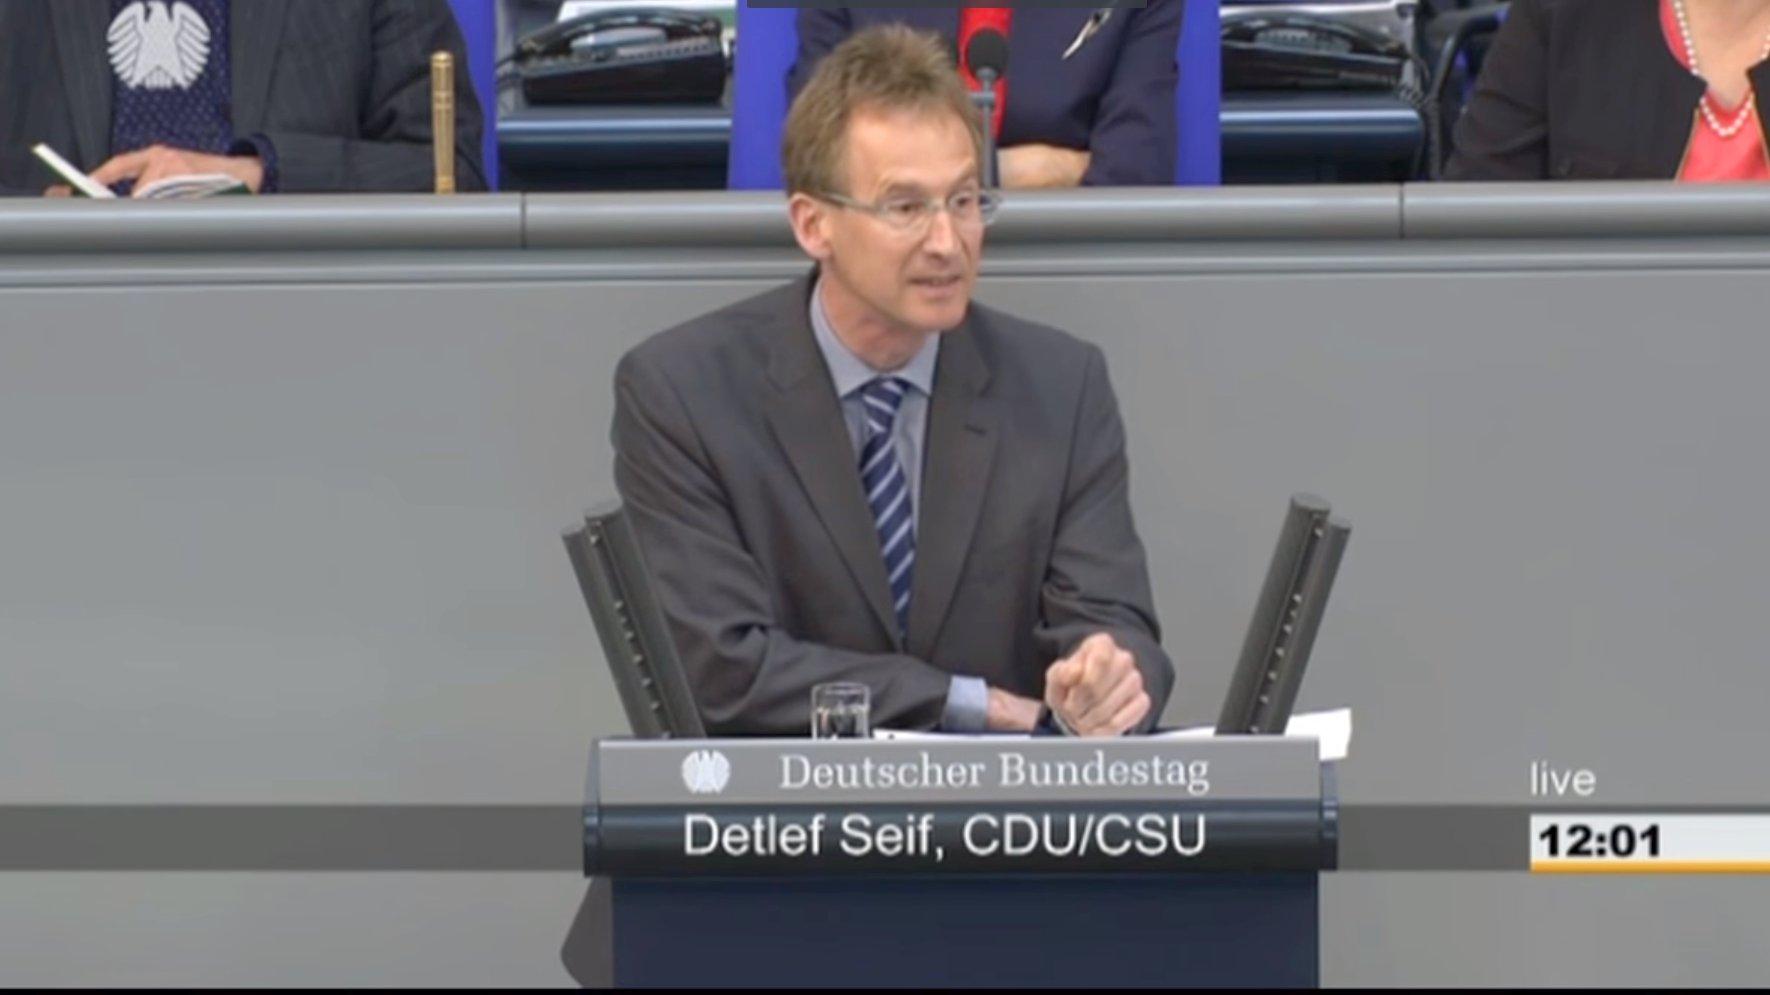 Detlef Seif, CDU/CSU liest Böhmermanns Schmähgedicht im Bundestag vor